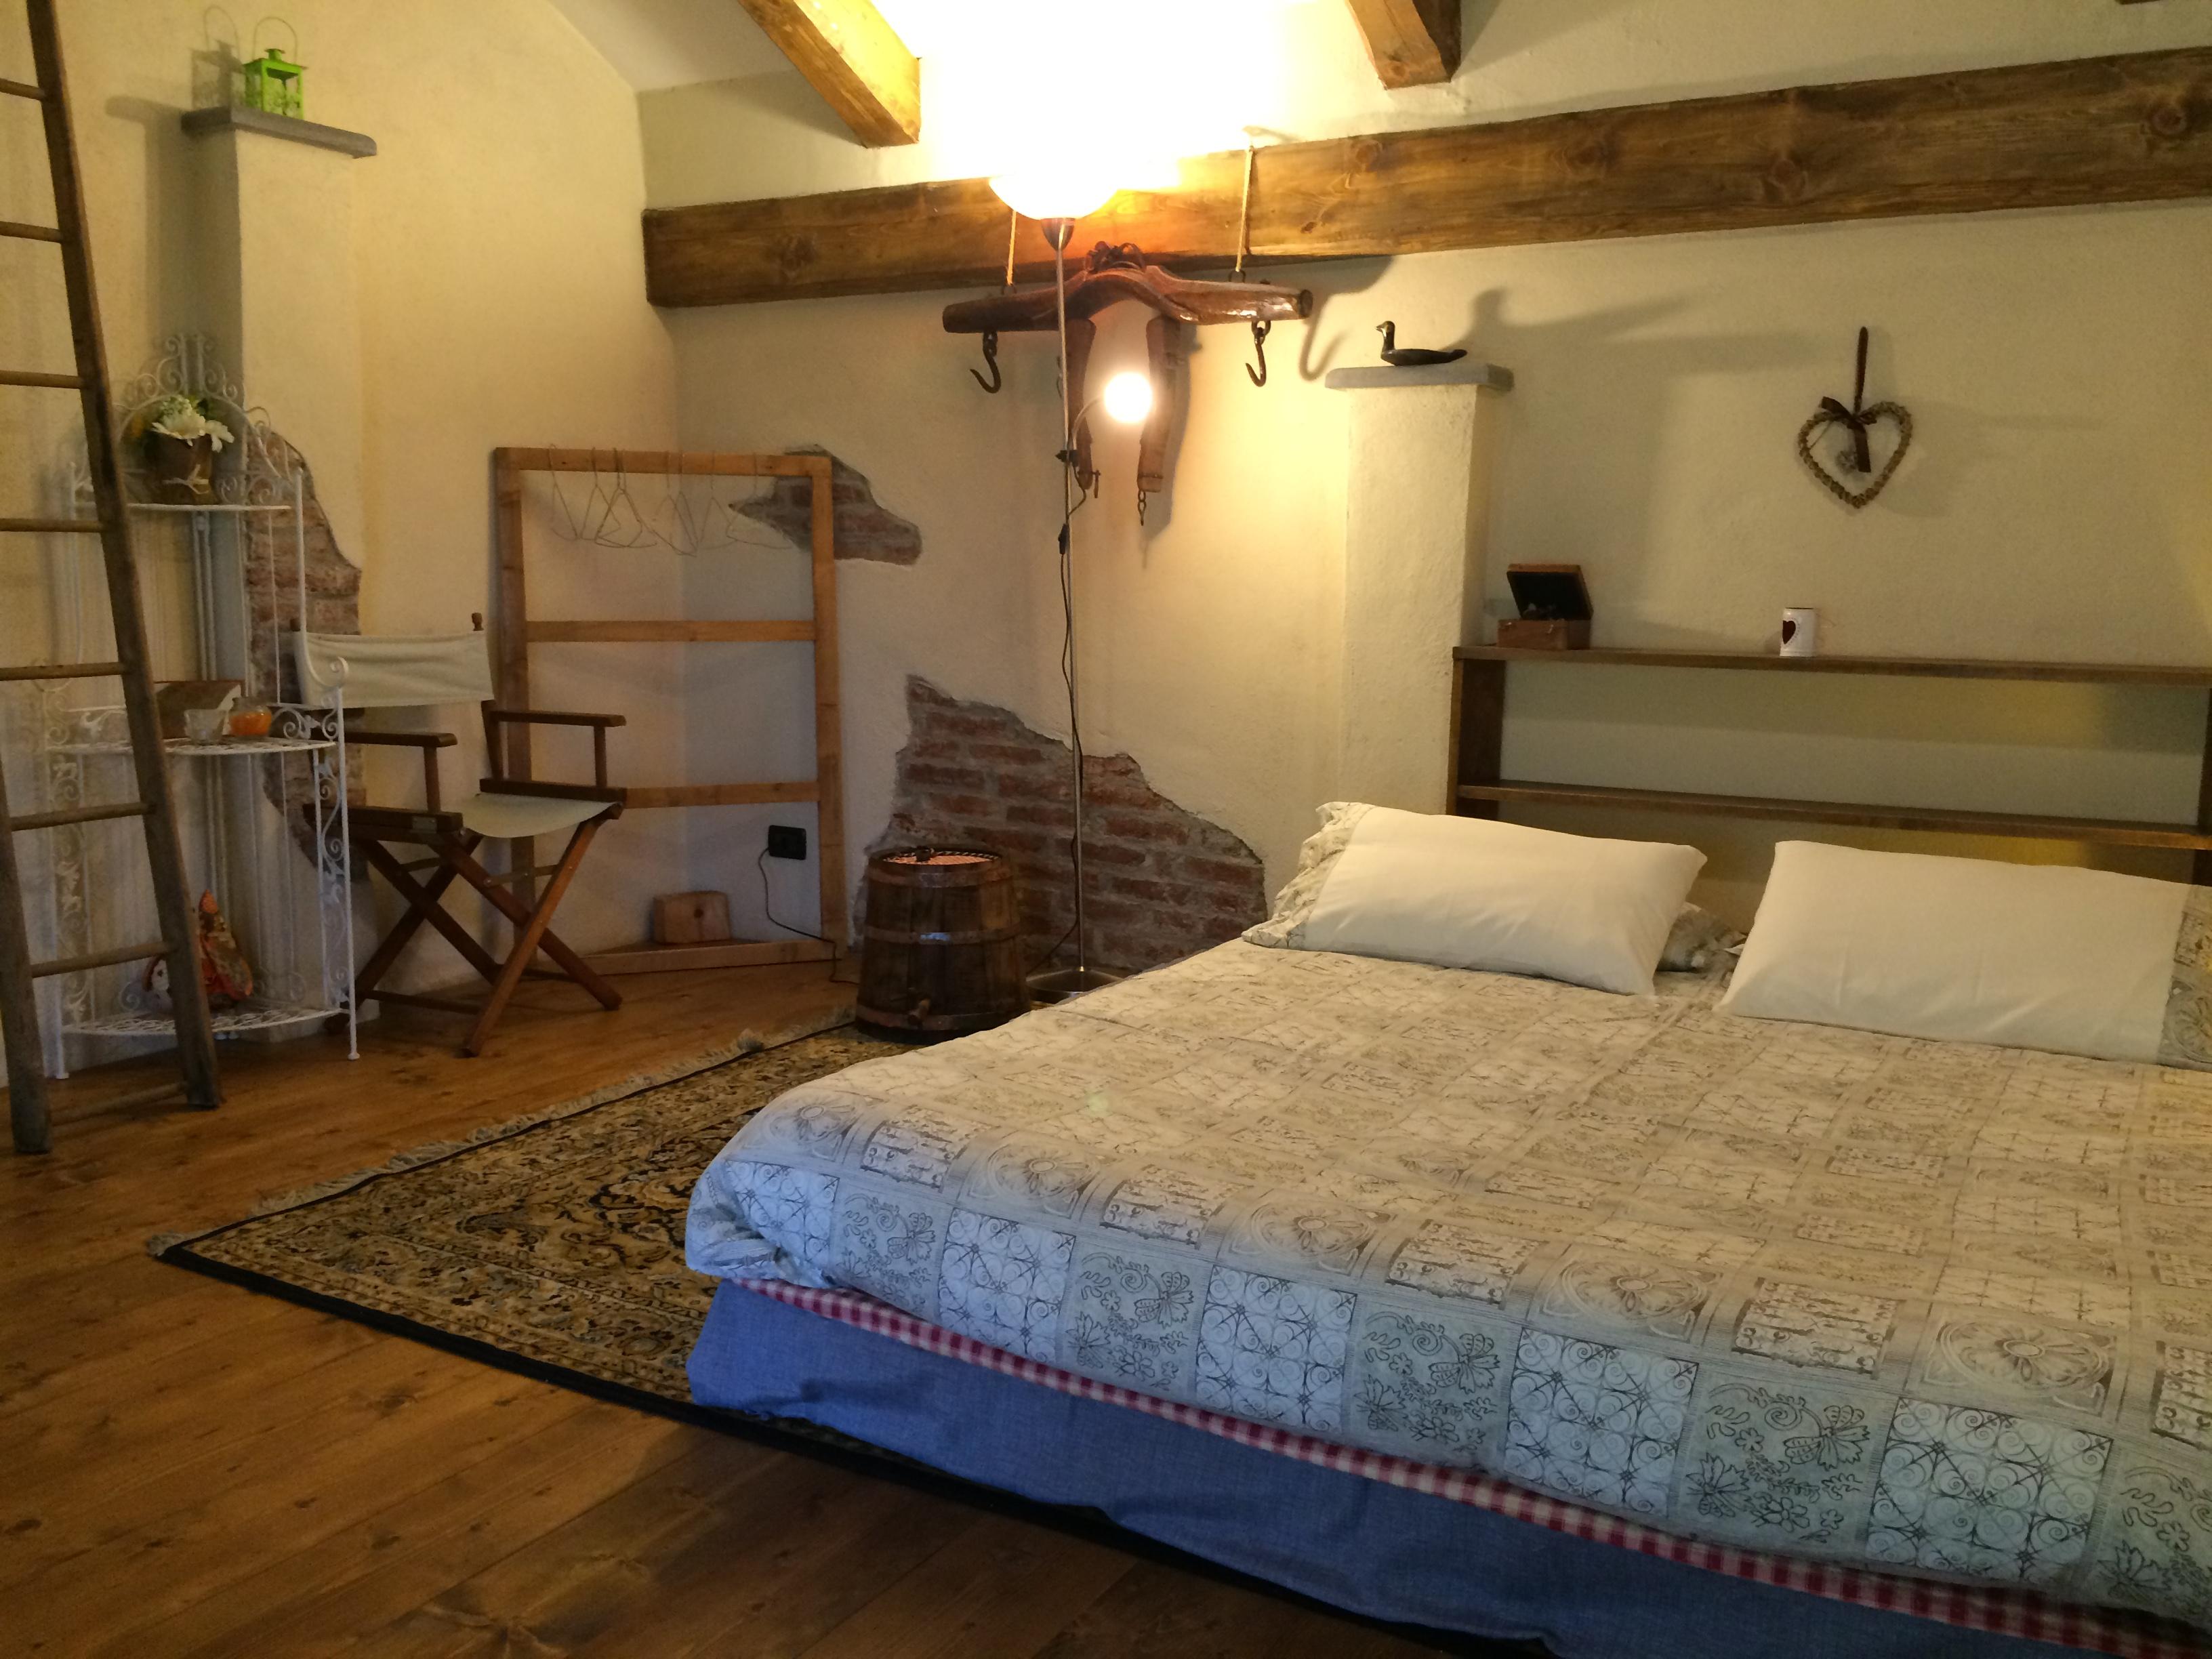 Casa di campagna casa aiva per una vacanza nella natura - Soppalco camera da letto ...